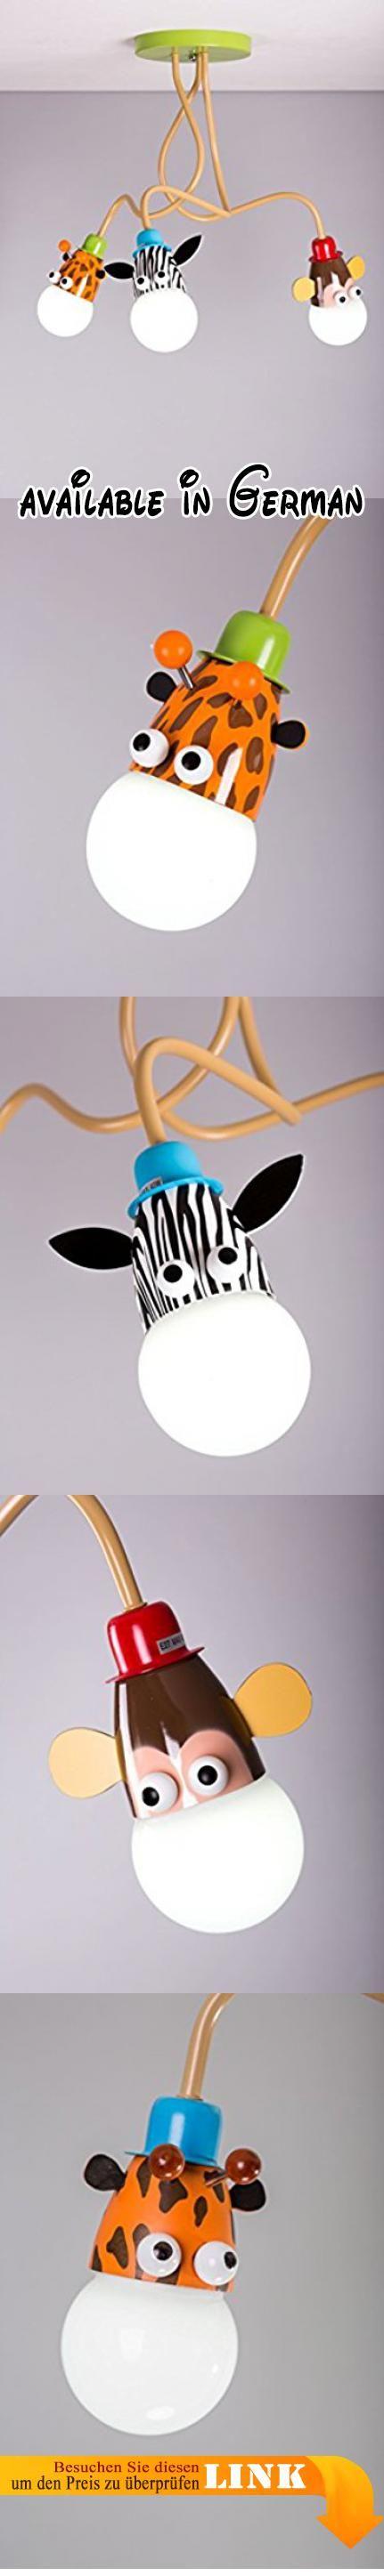 Vividor Deckenleuchte, Für Kinder , Schlafzimmer, Giraffe, Affe, Zebra.  Giraffe,